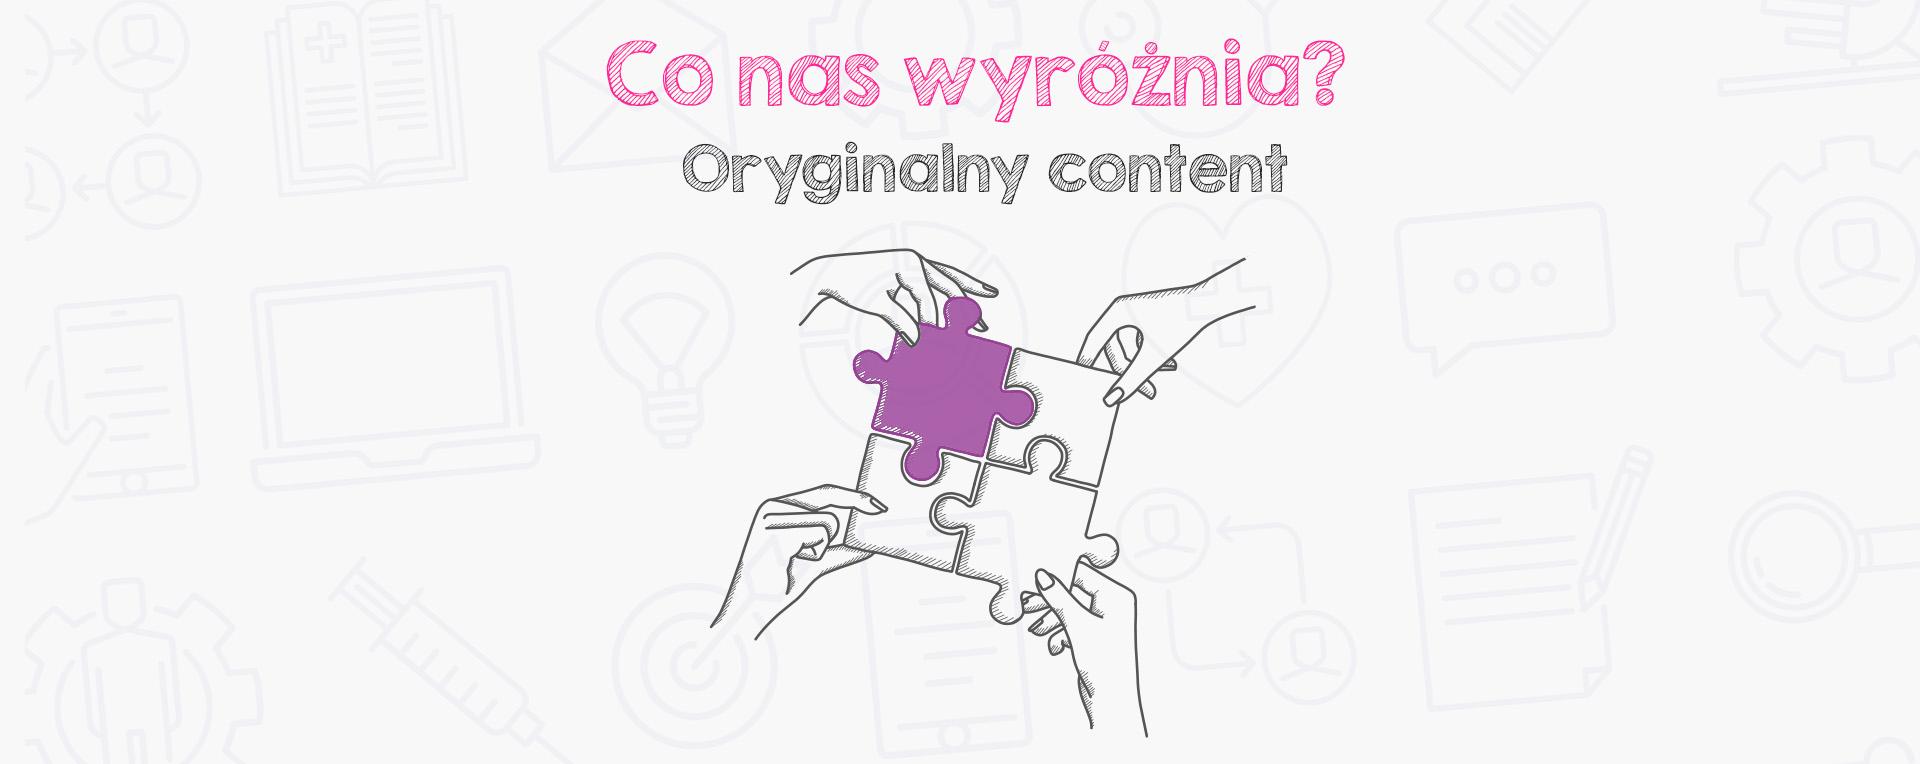 oryginalny_content2